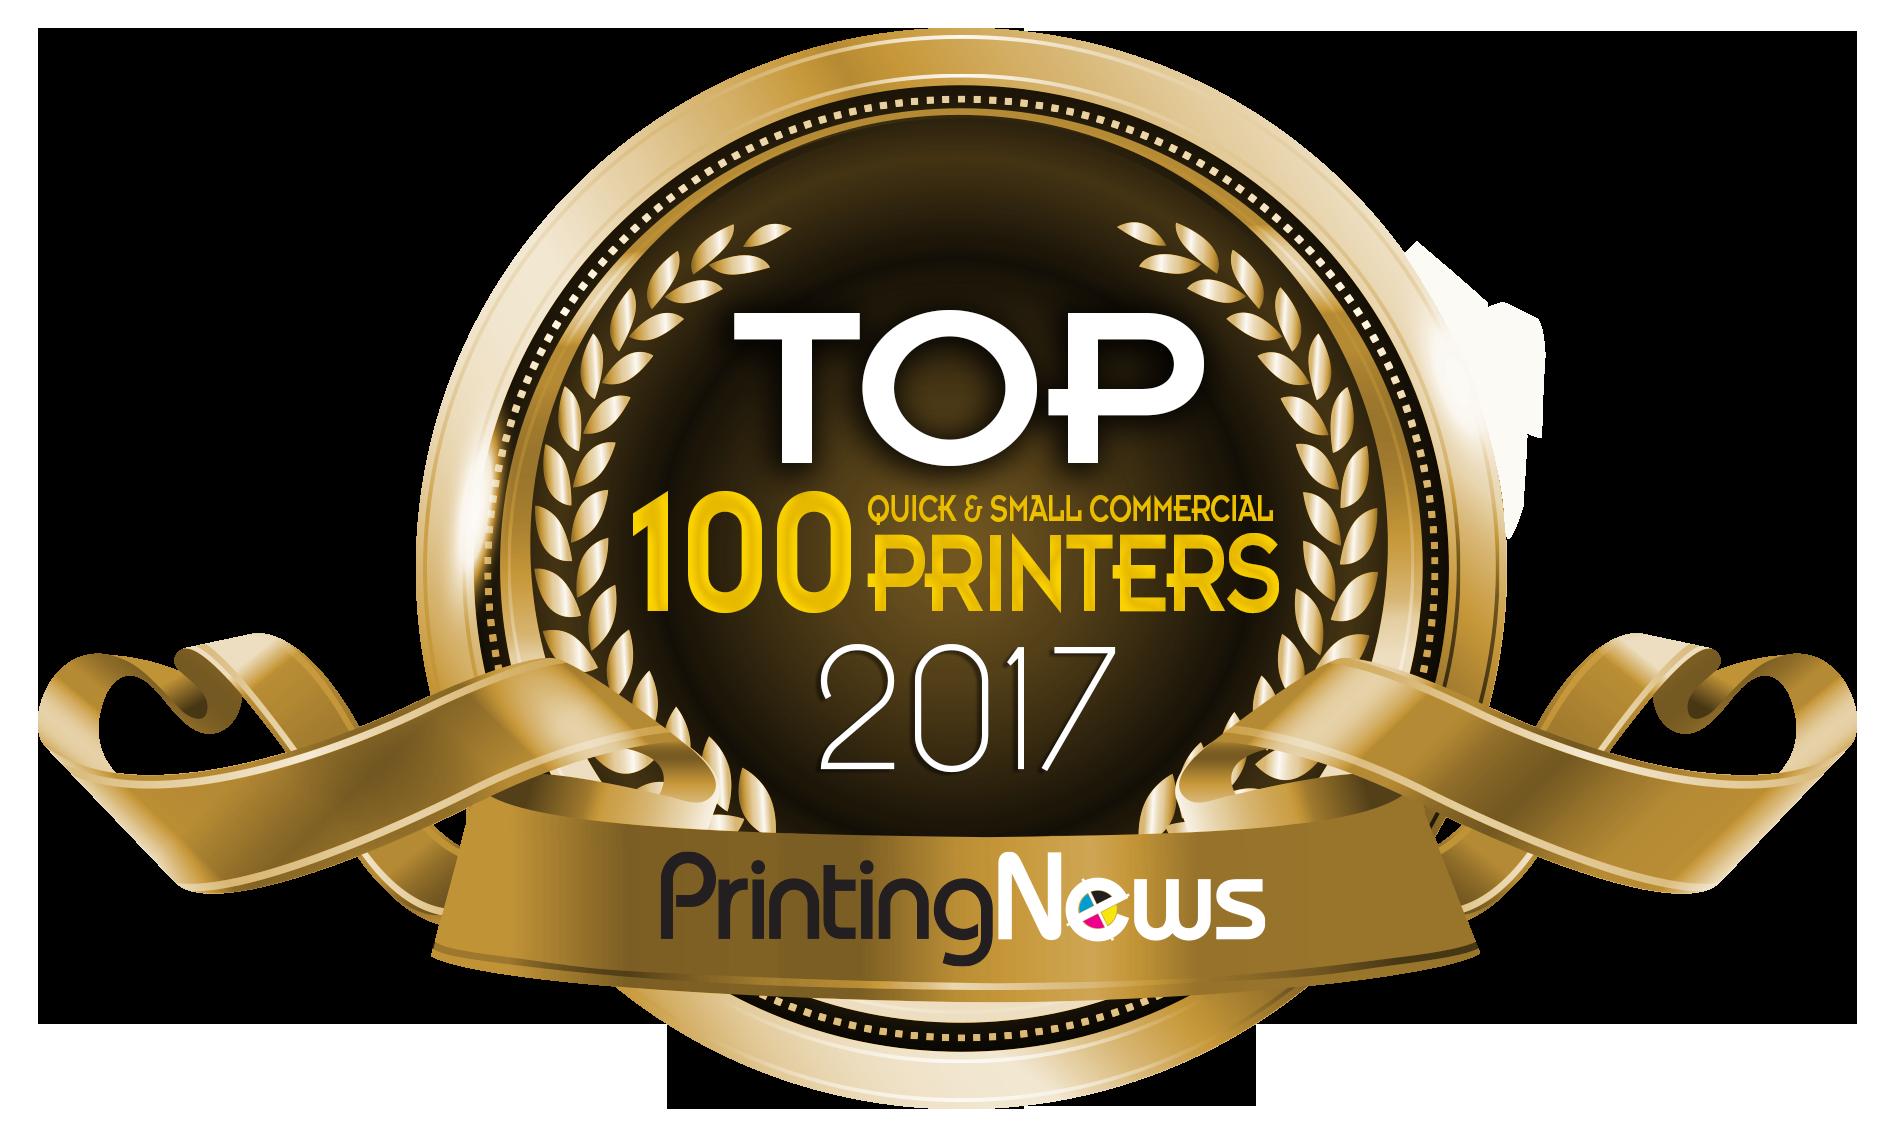 2017 Top 100 printer